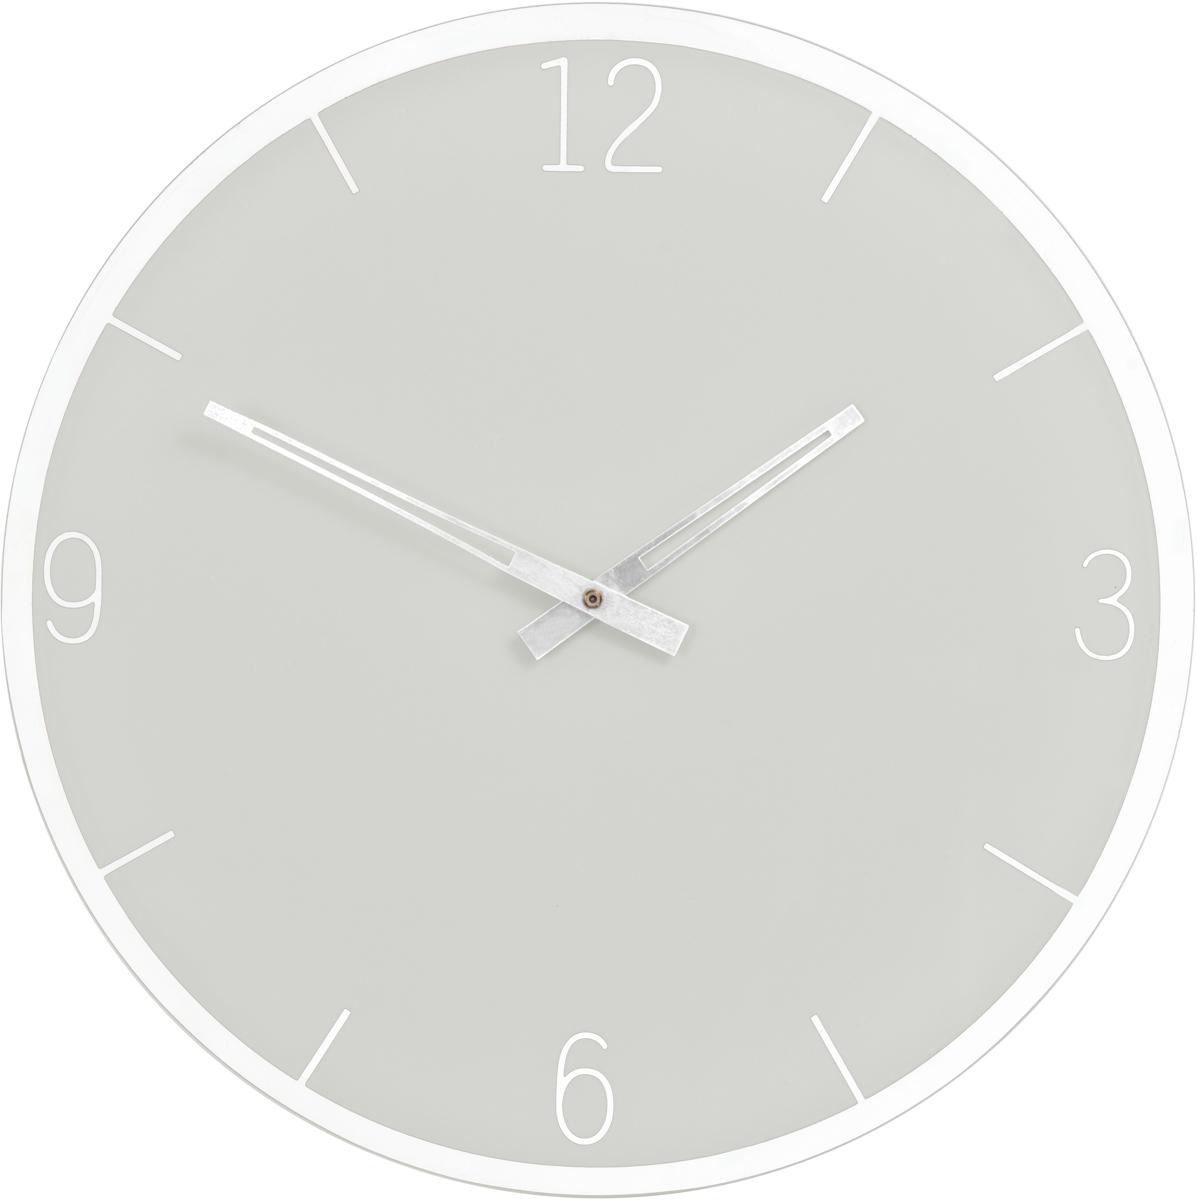 Часы настенные Innova W09655, цвет: серый, диаметр 35 см